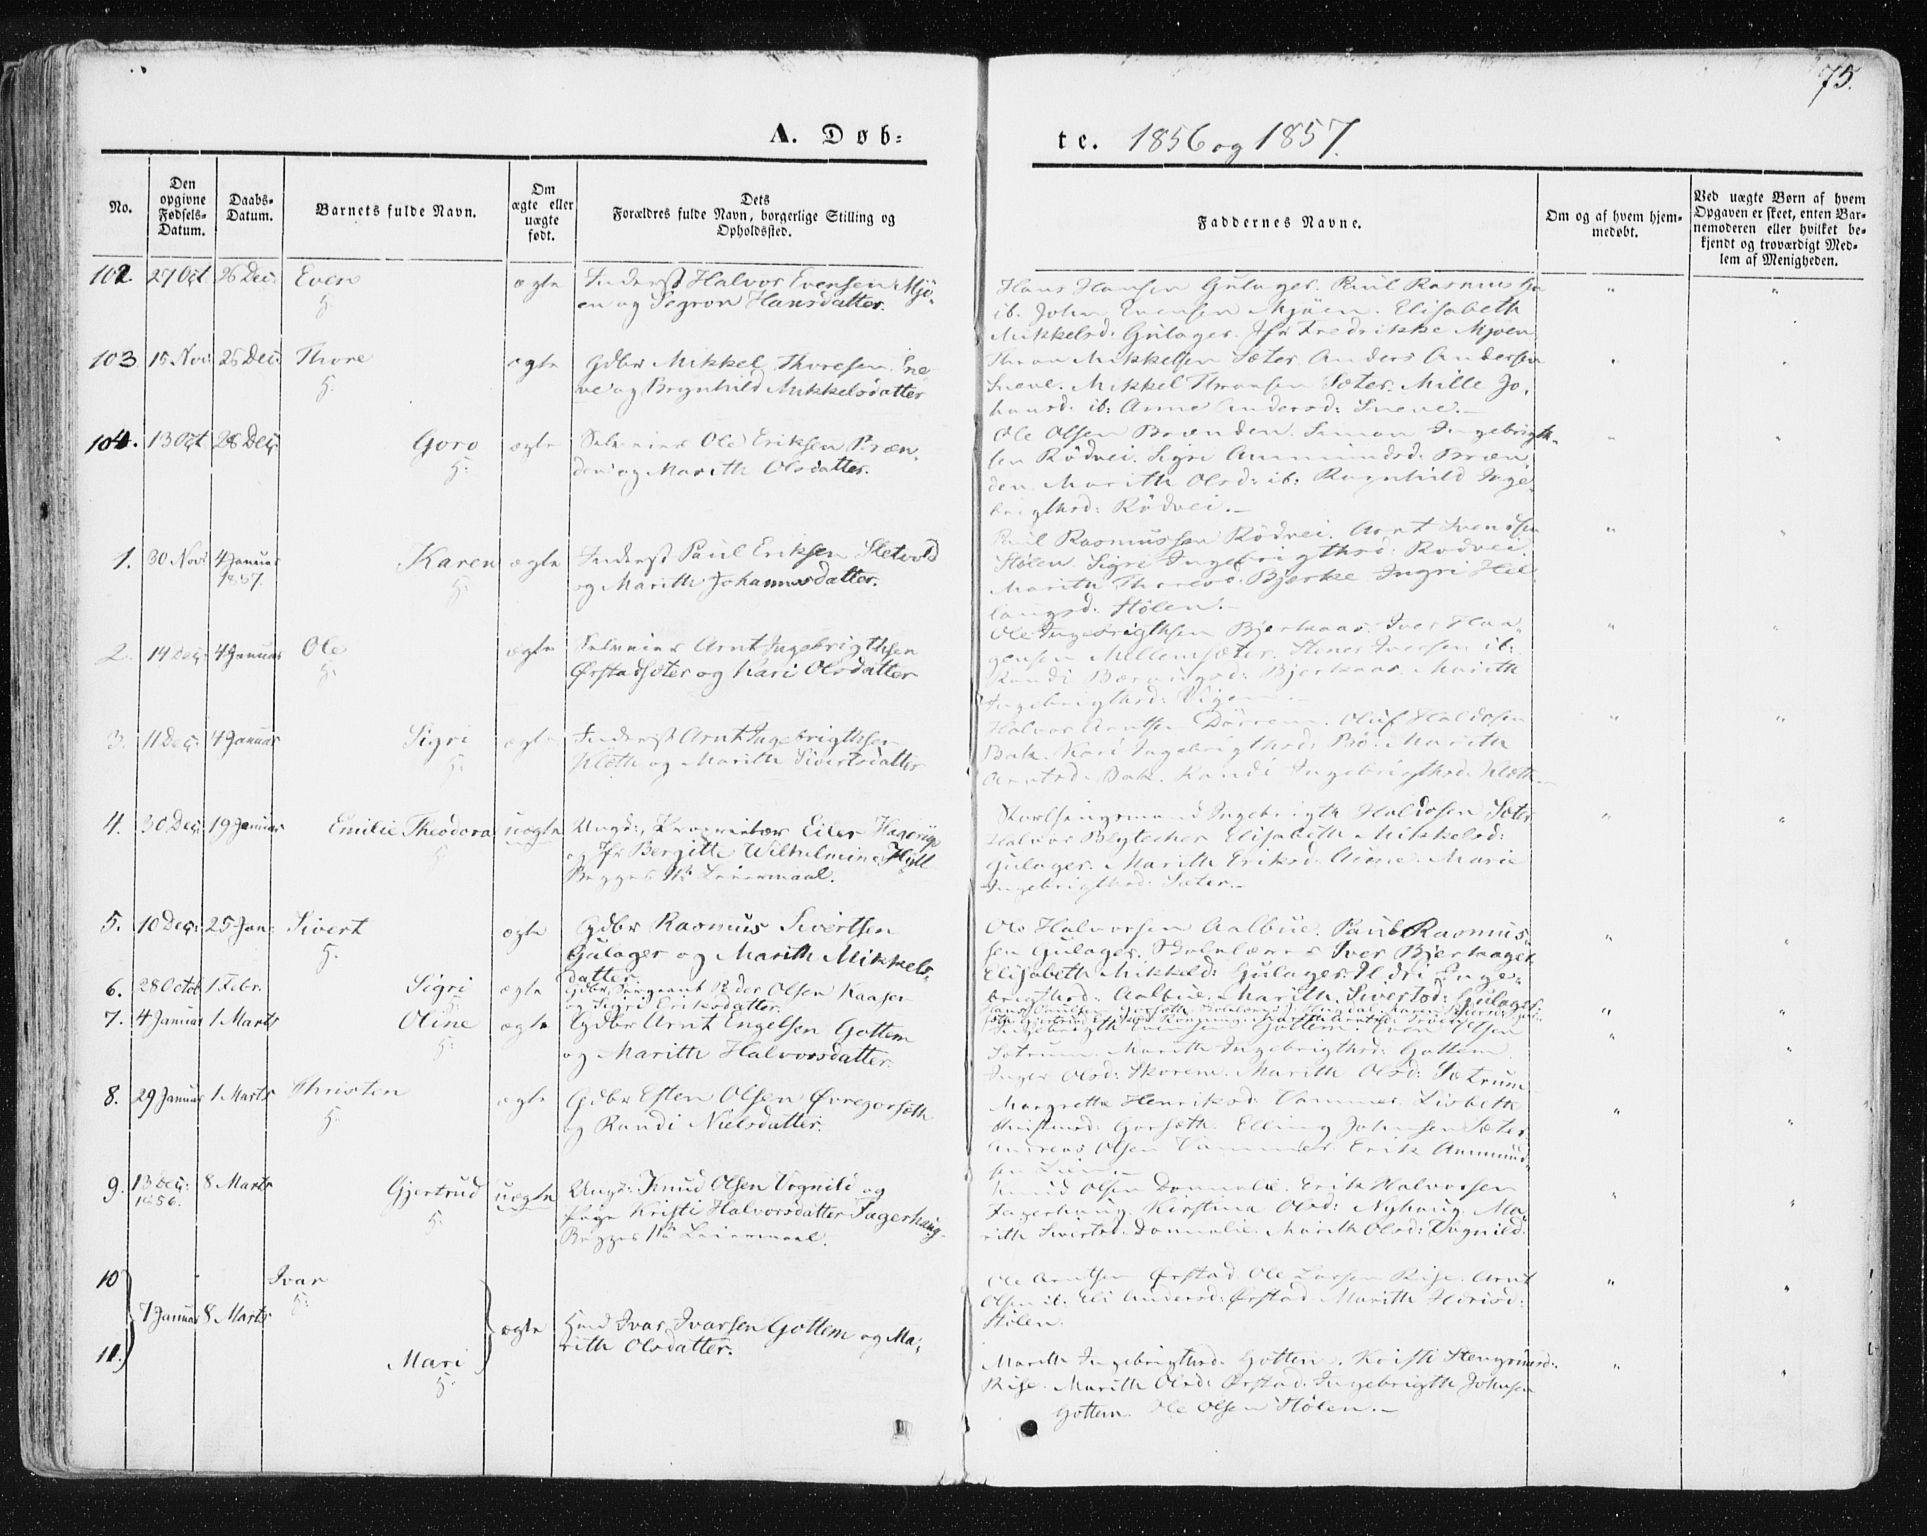 SAT, Ministerialprotokoller, klokkerbøker og fødselsregistre - Sør-Trøndelag, 678/L0899: Ministerialbok nr. 678A08, 1848-1872, s. 75